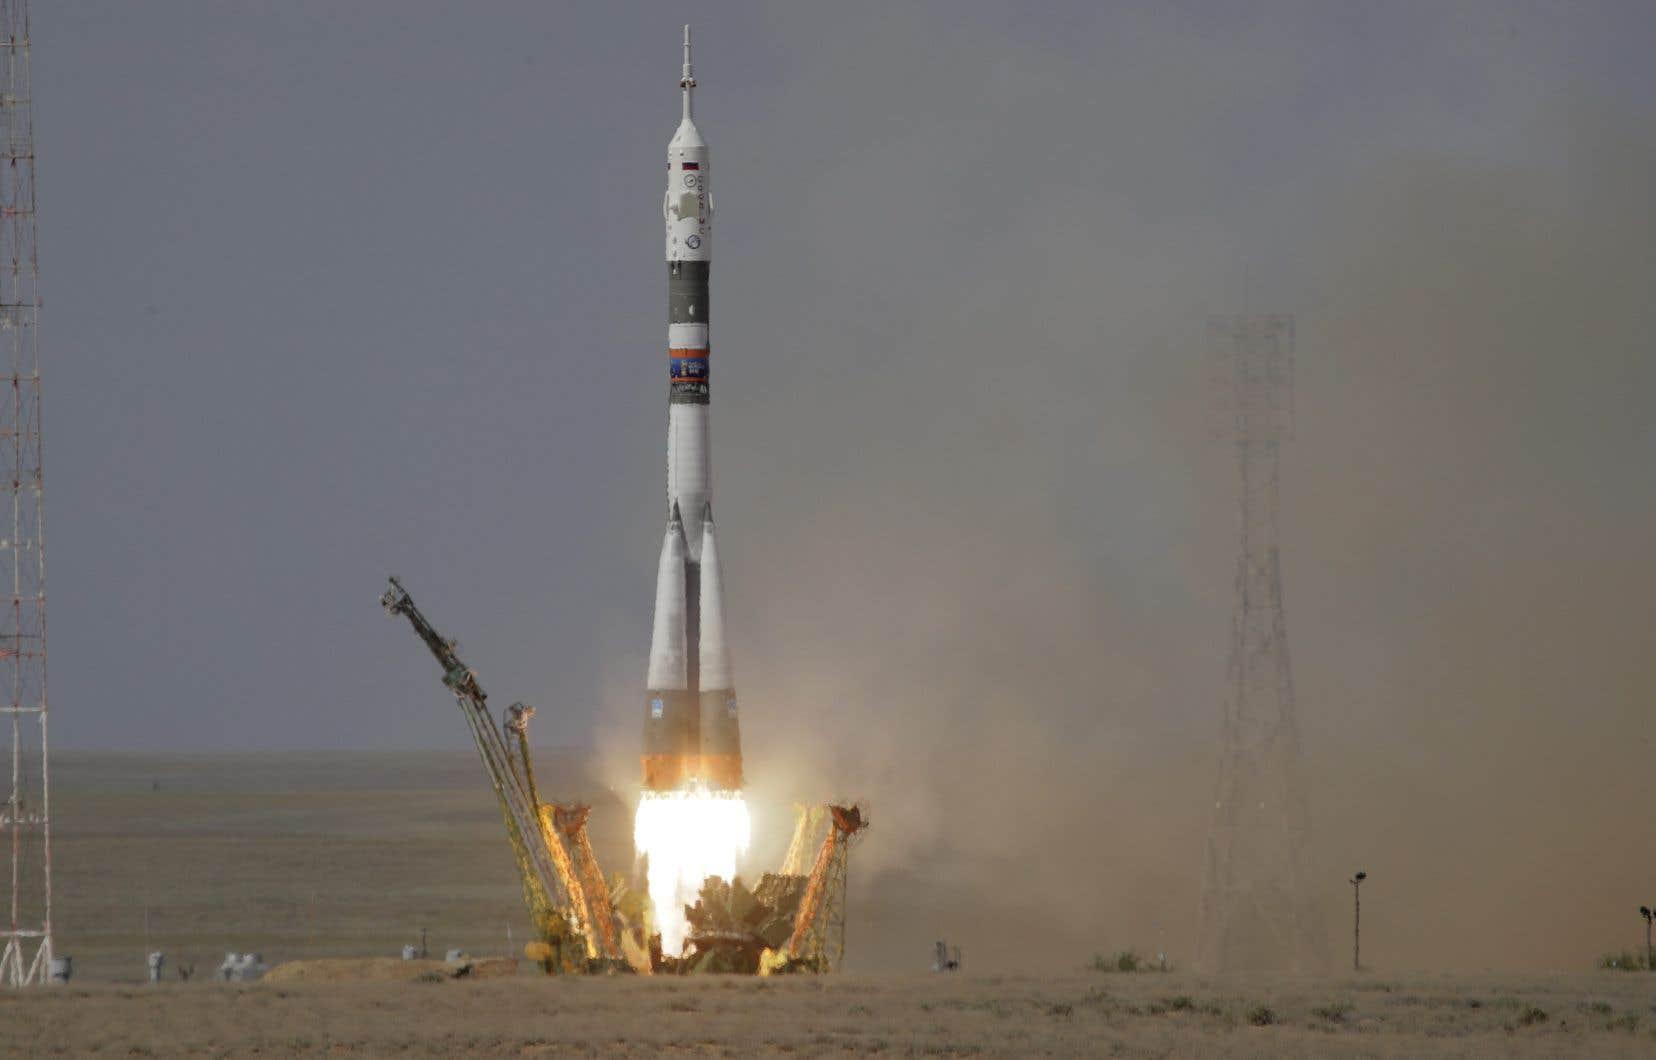 Les astronautes devraient arriver à l'ISS vendredi pour une mission d'environ cinq mois nommée <em>Horizons</em>.